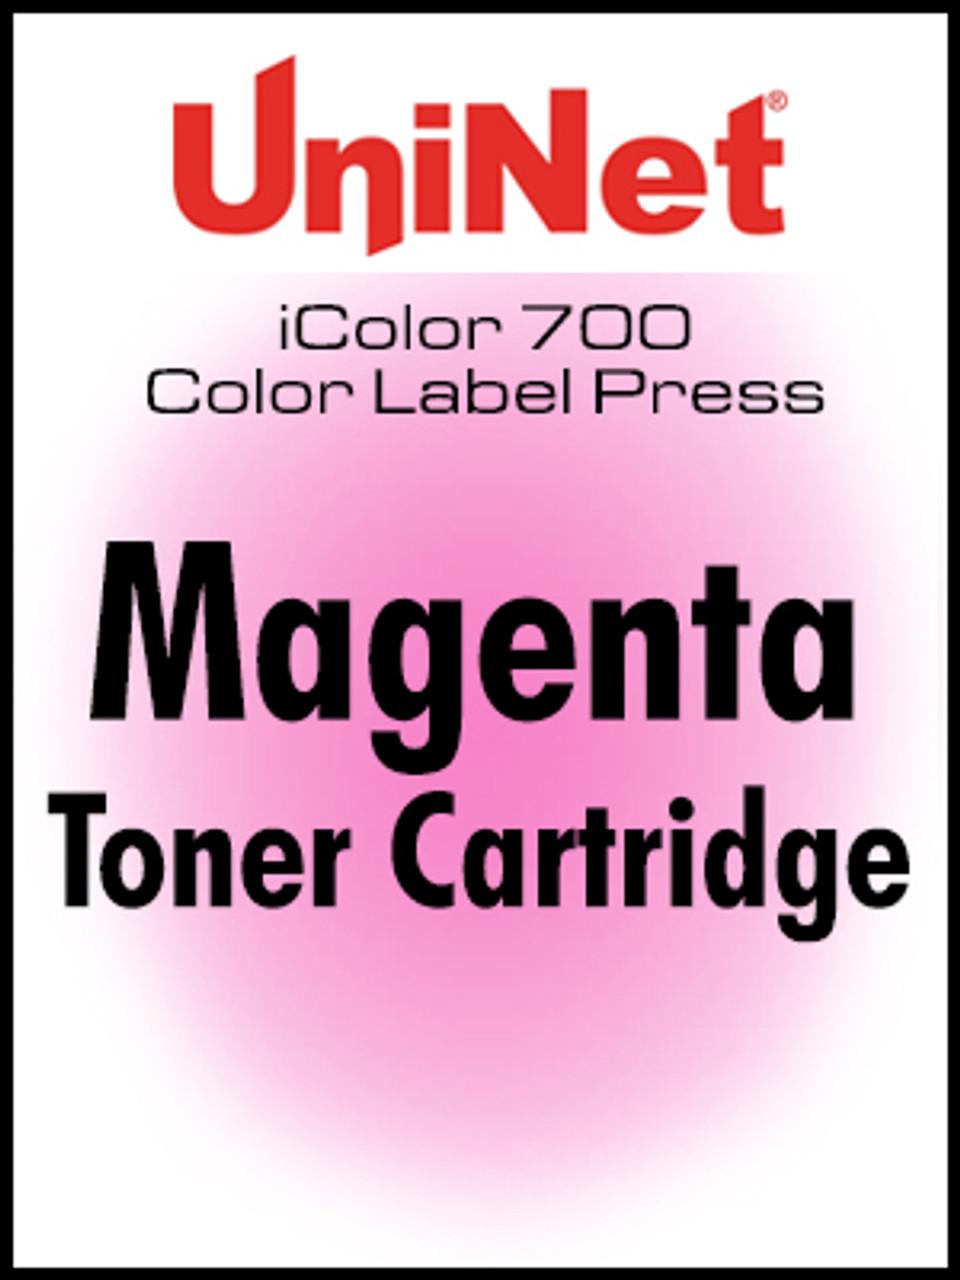 iColor 700 Digital Press Magenta toner cartridge